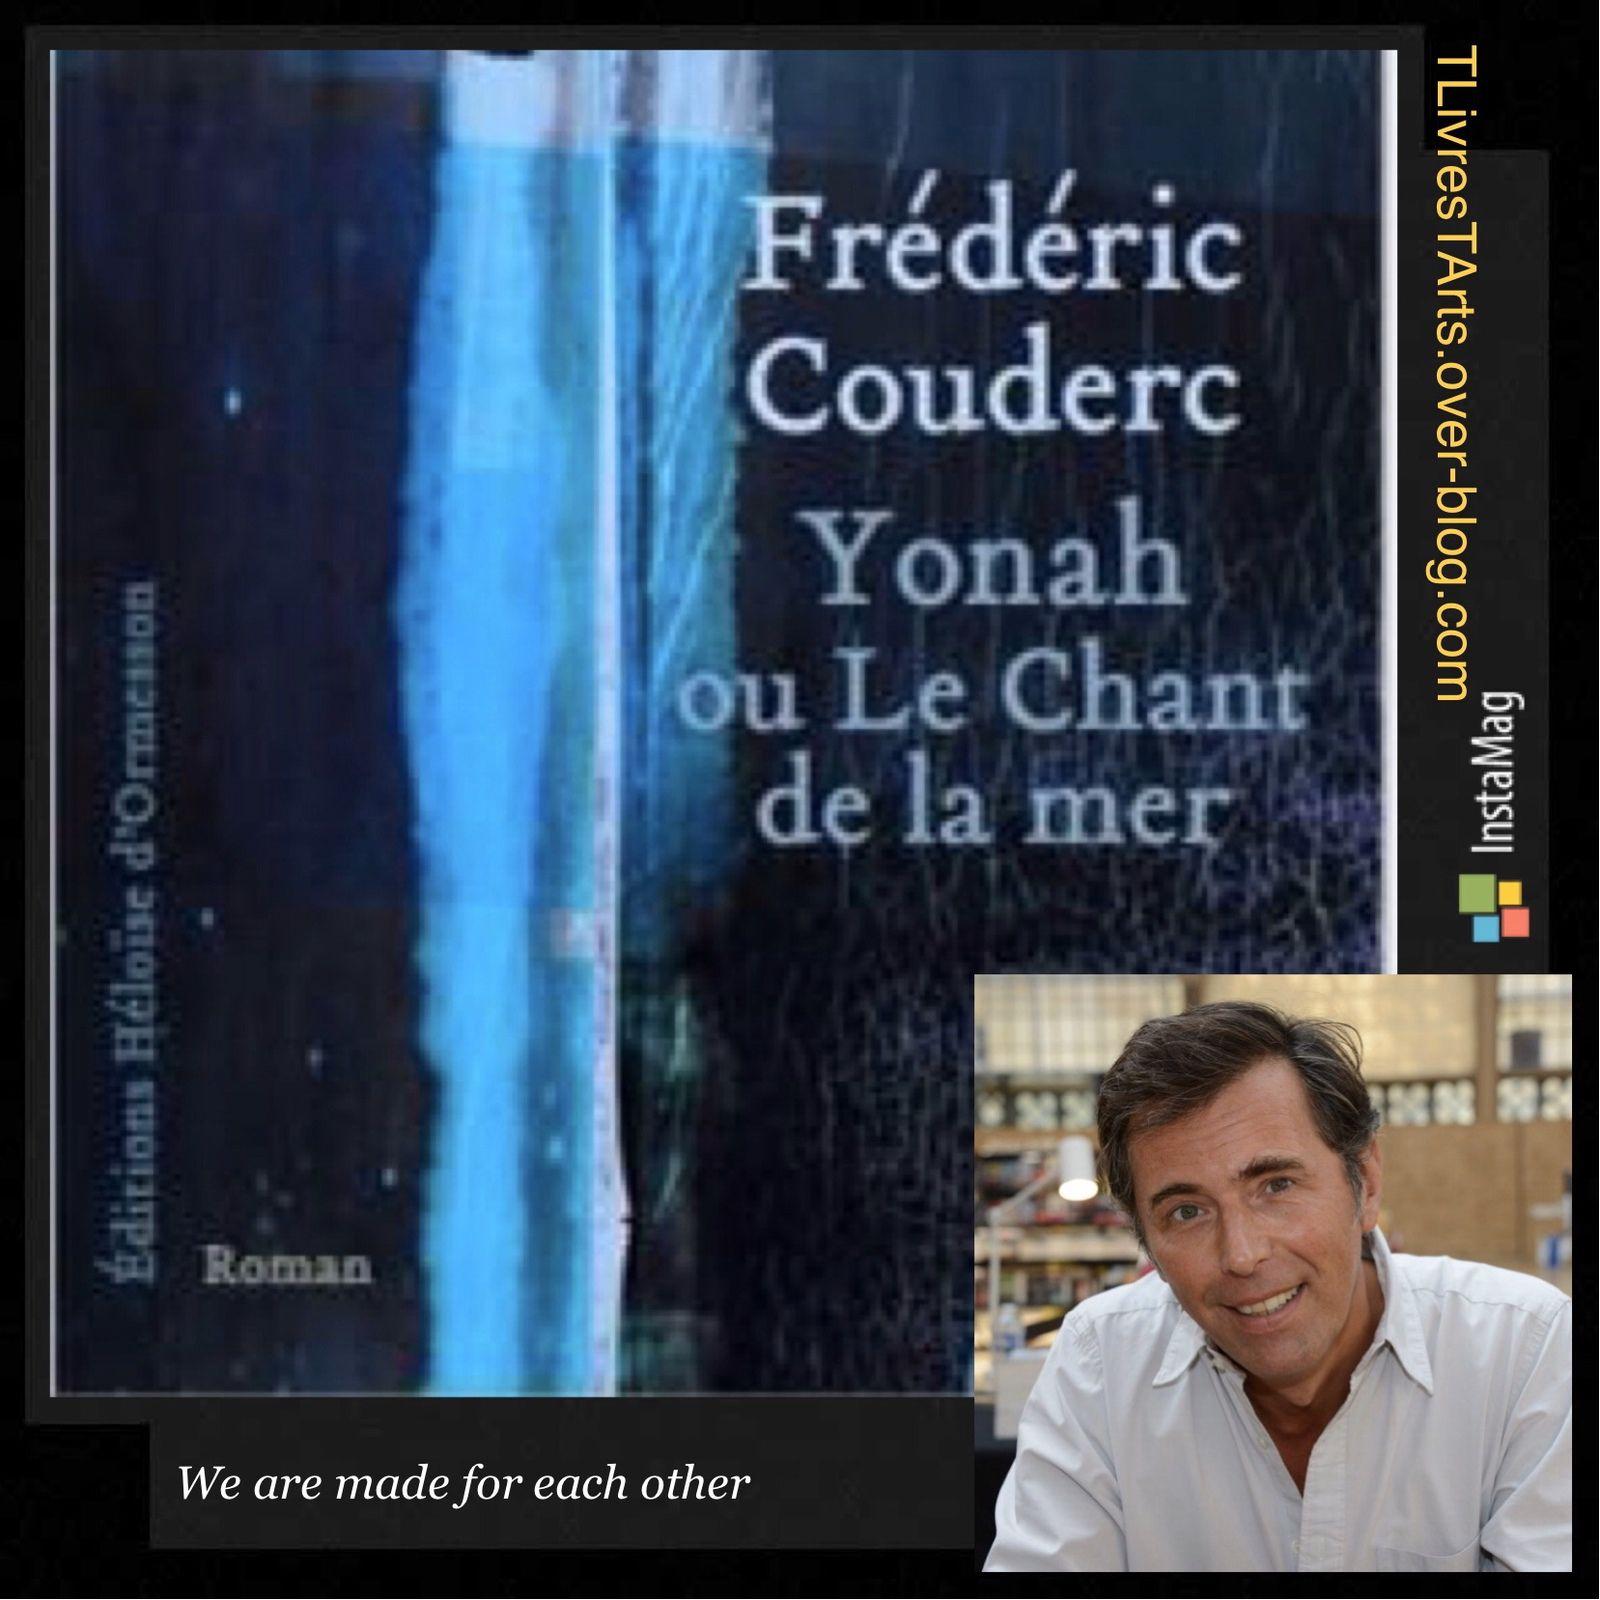 Yonah ou le chant de la mer de Frédéric COUDERC